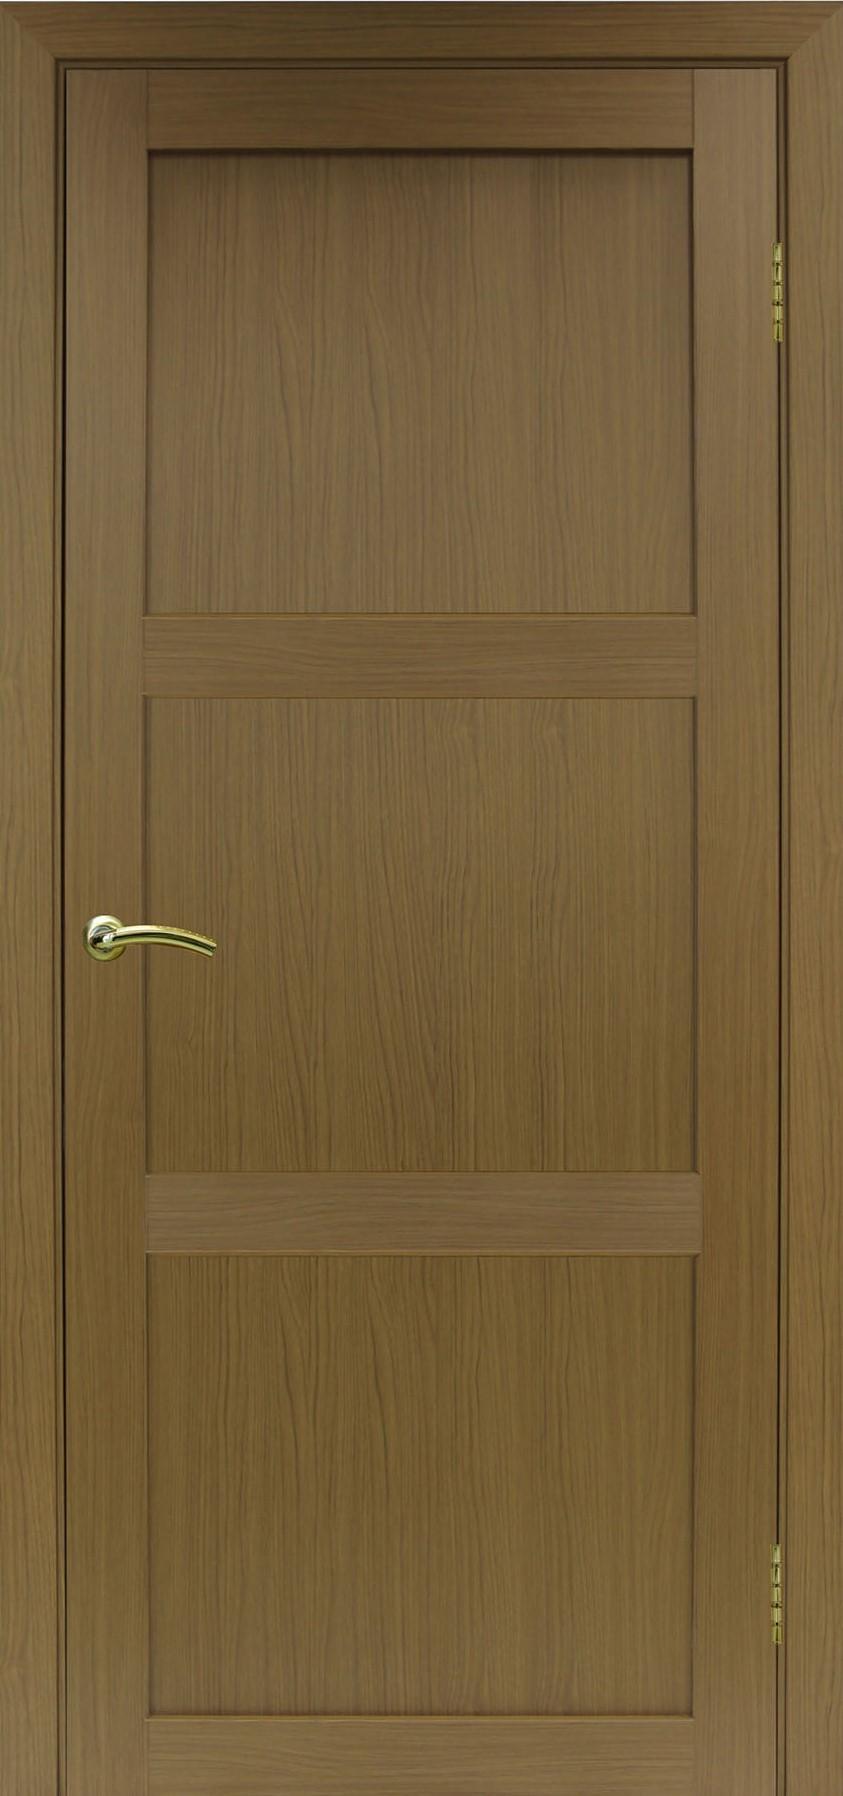 Турин 530 Орех классик NL ЭКО-шпон Остекление №111 Щит МДФ, Двери OPTIMA PORTE